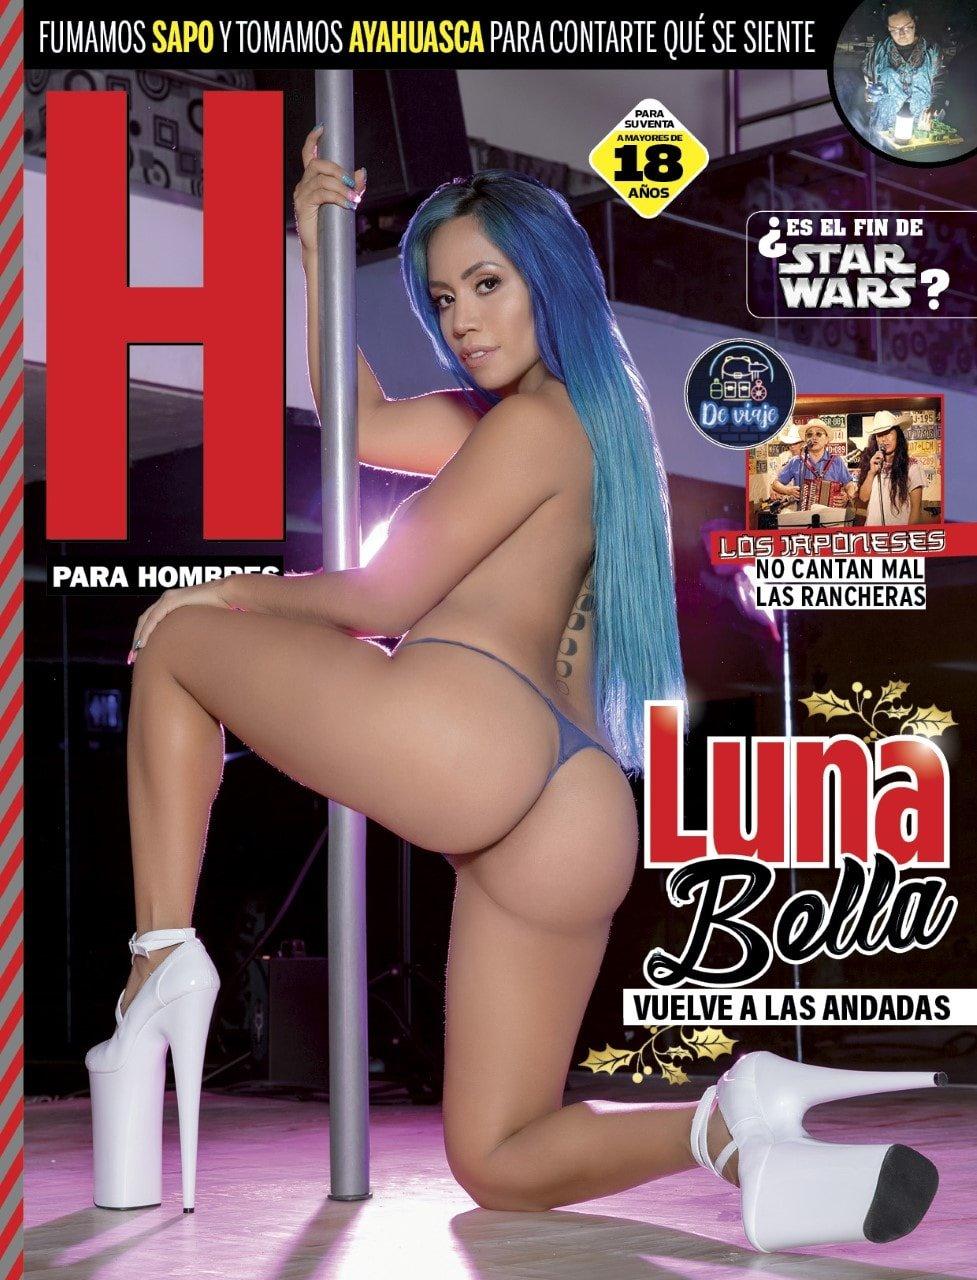 Luna Bella Revista H Diciembre 2019 [FOTOS + PDF]